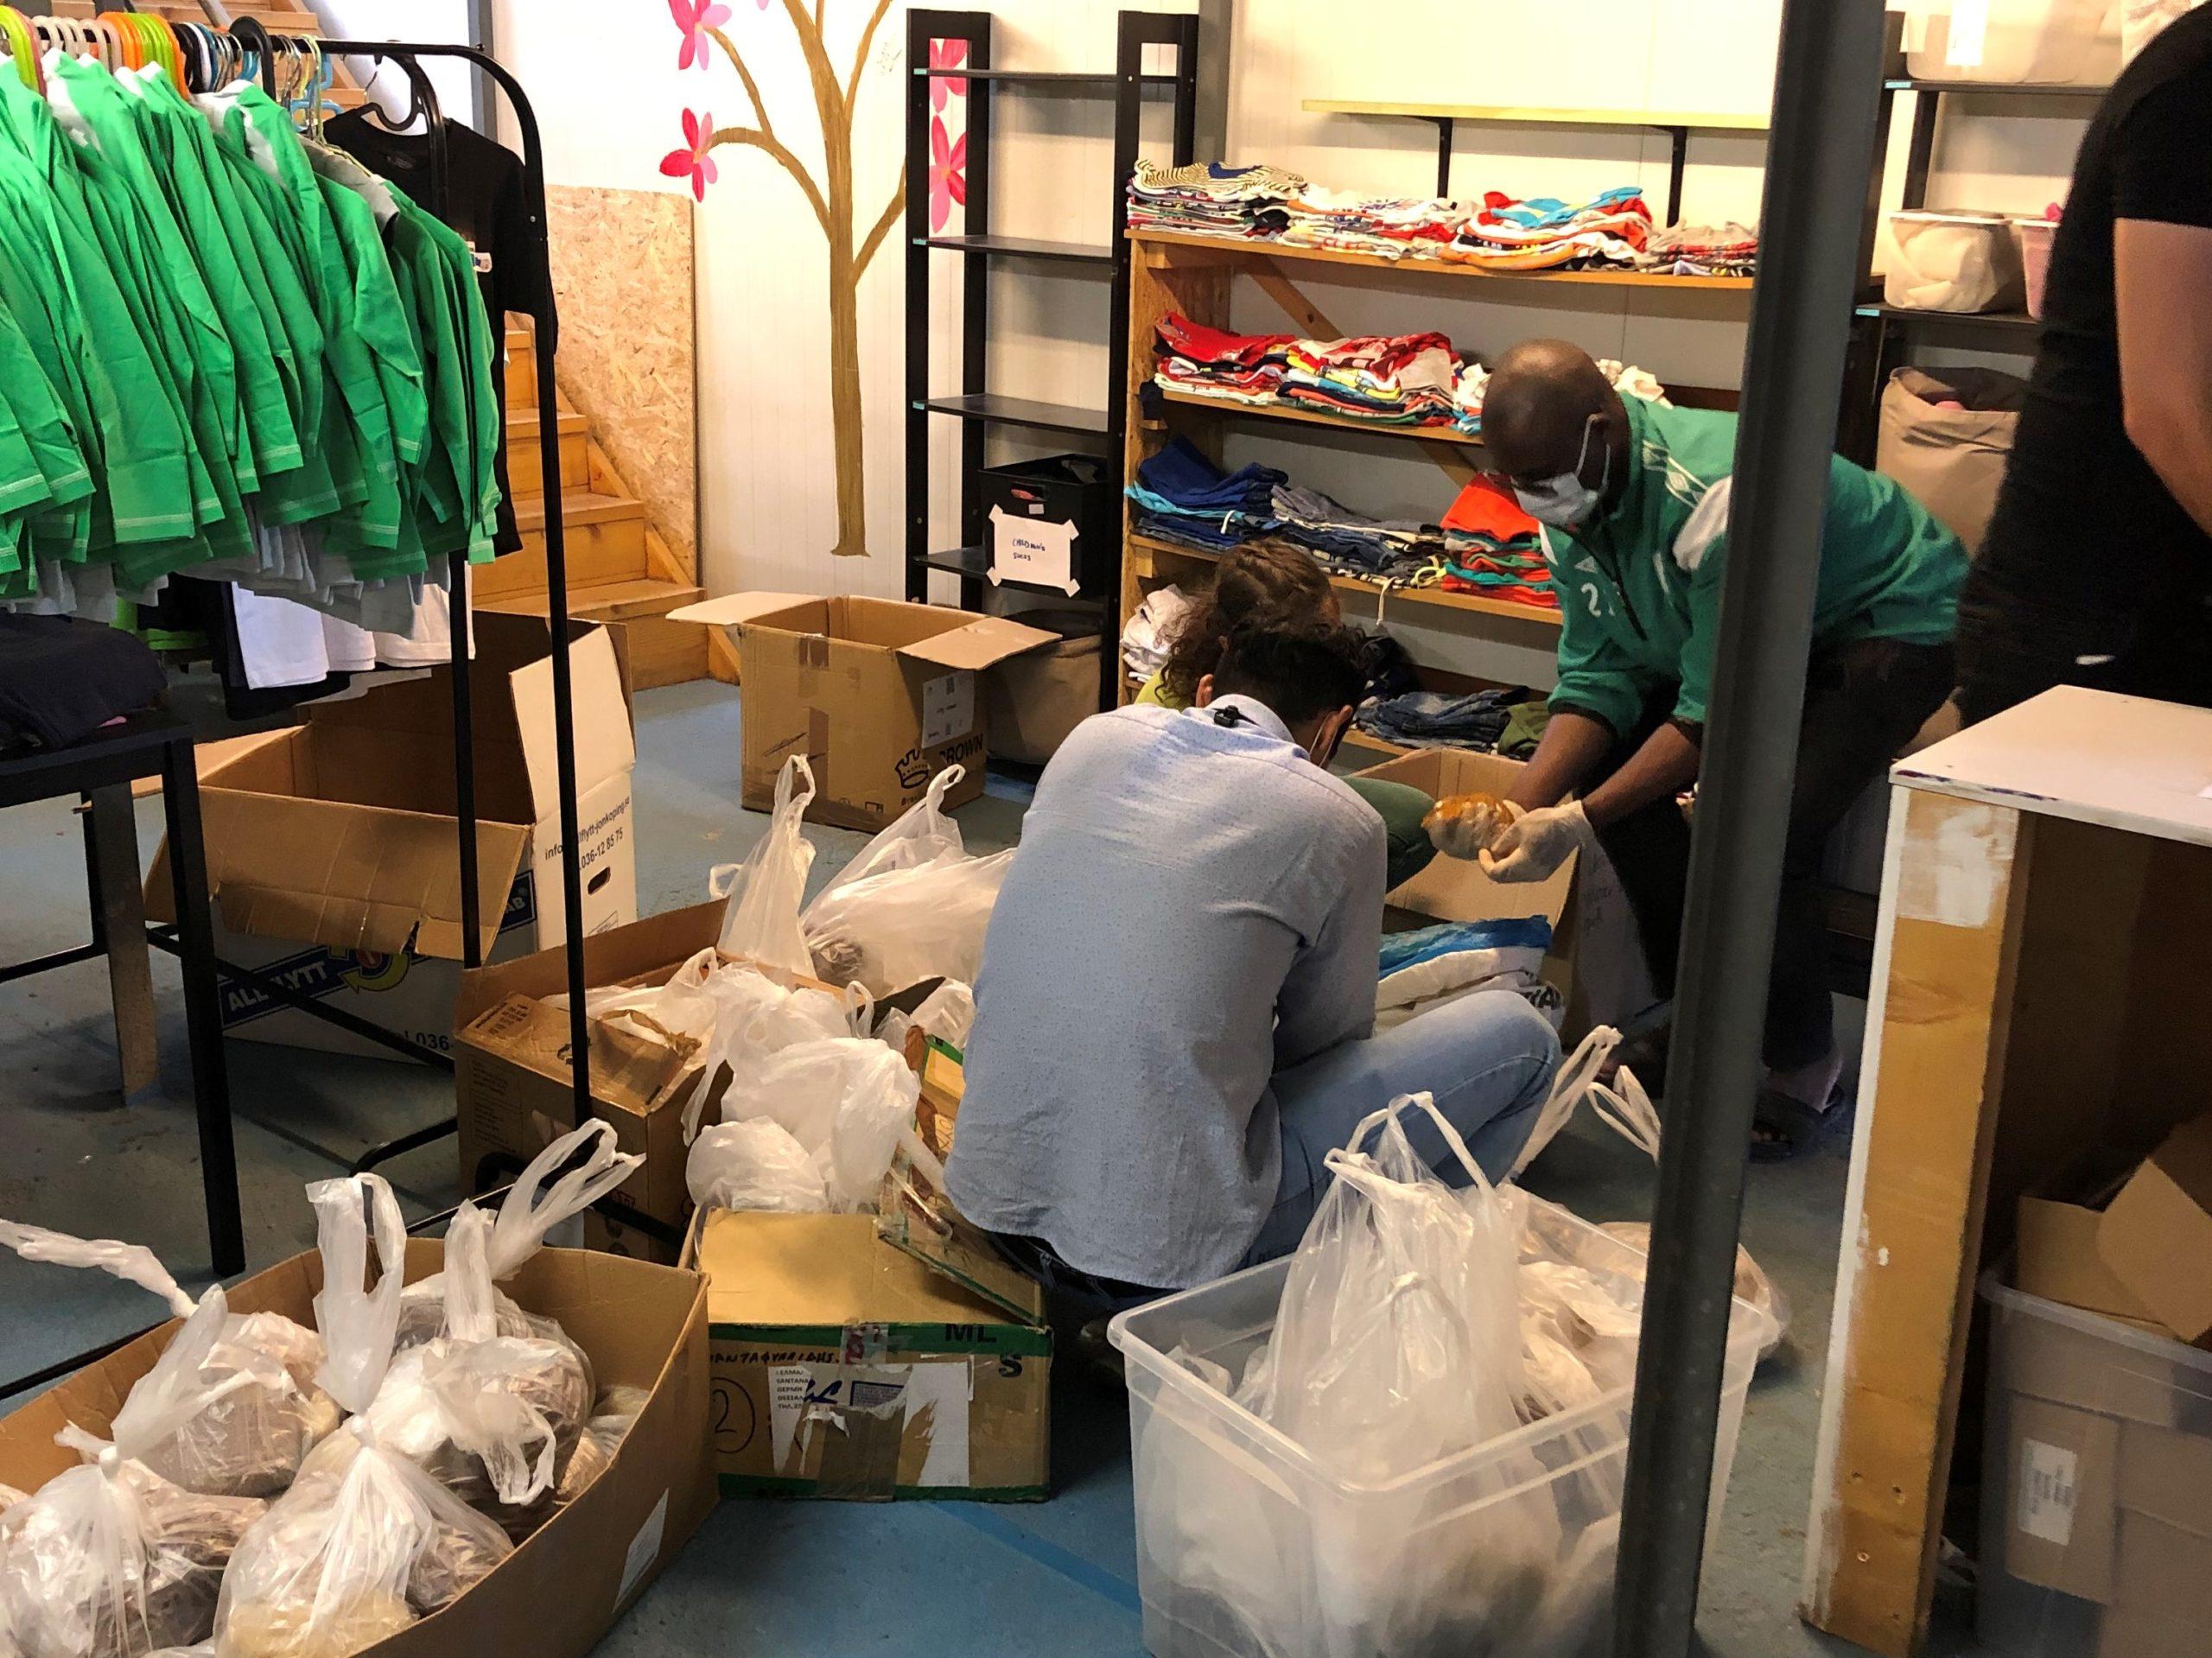 Feltarbeidere pakker matdistribusjoner